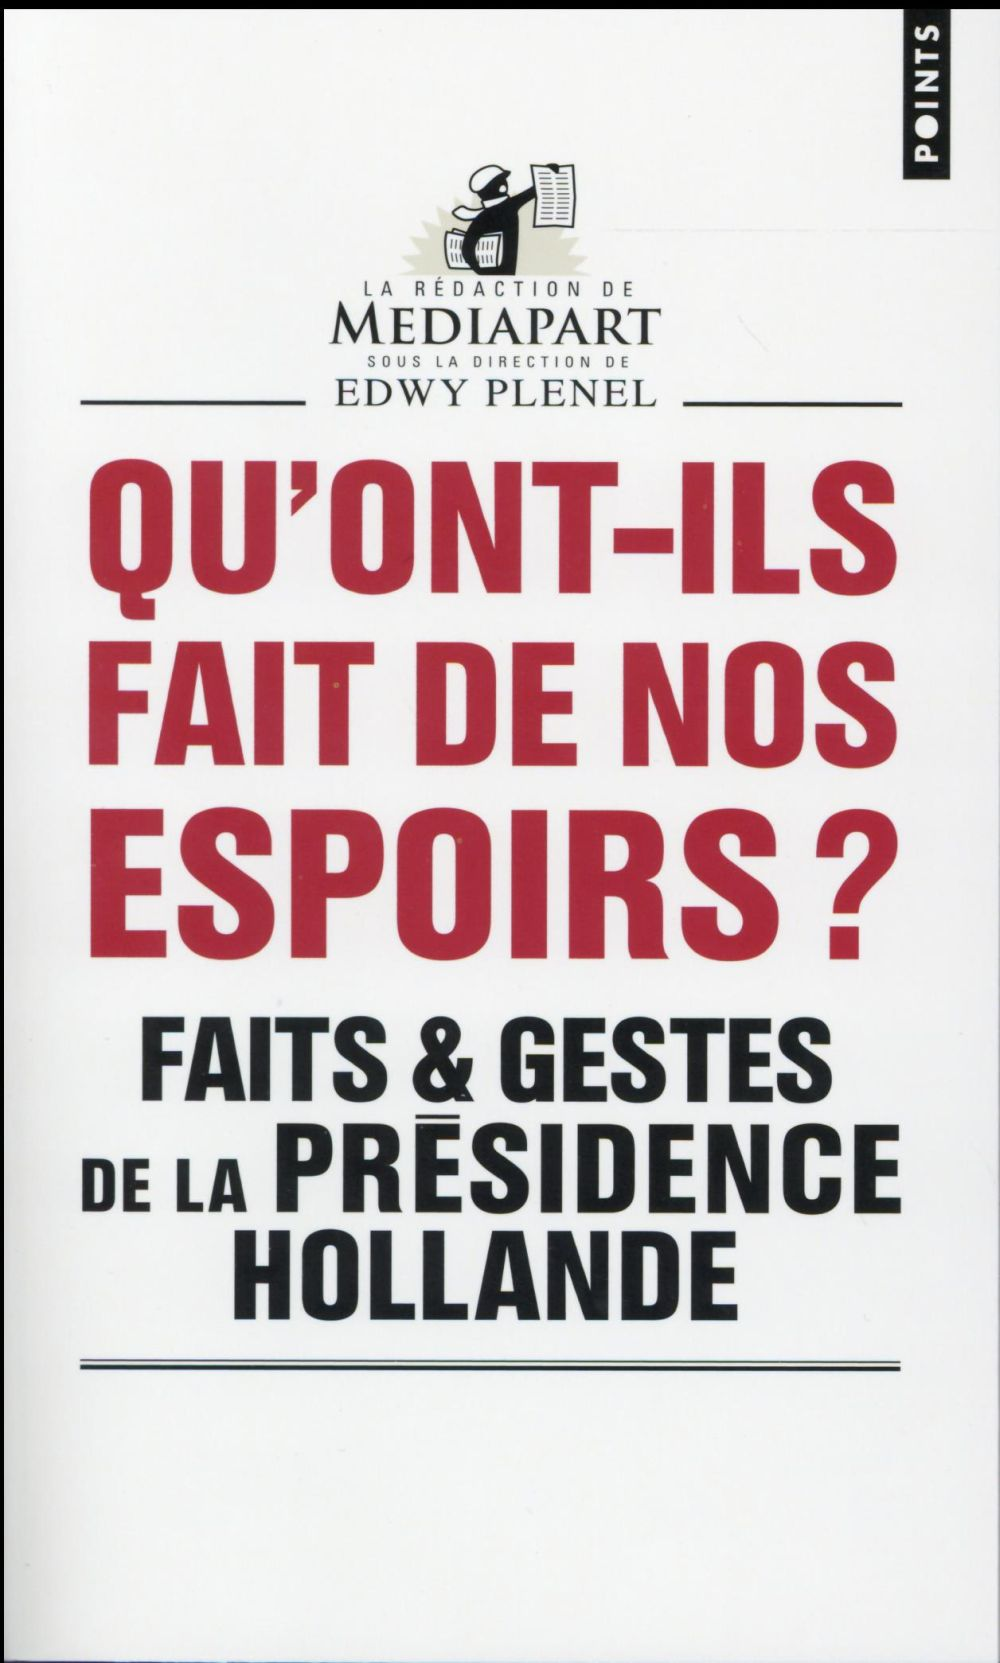 Qu'ont-ils fait de nos espoirs ? faits & gestes de la présidence Hollande